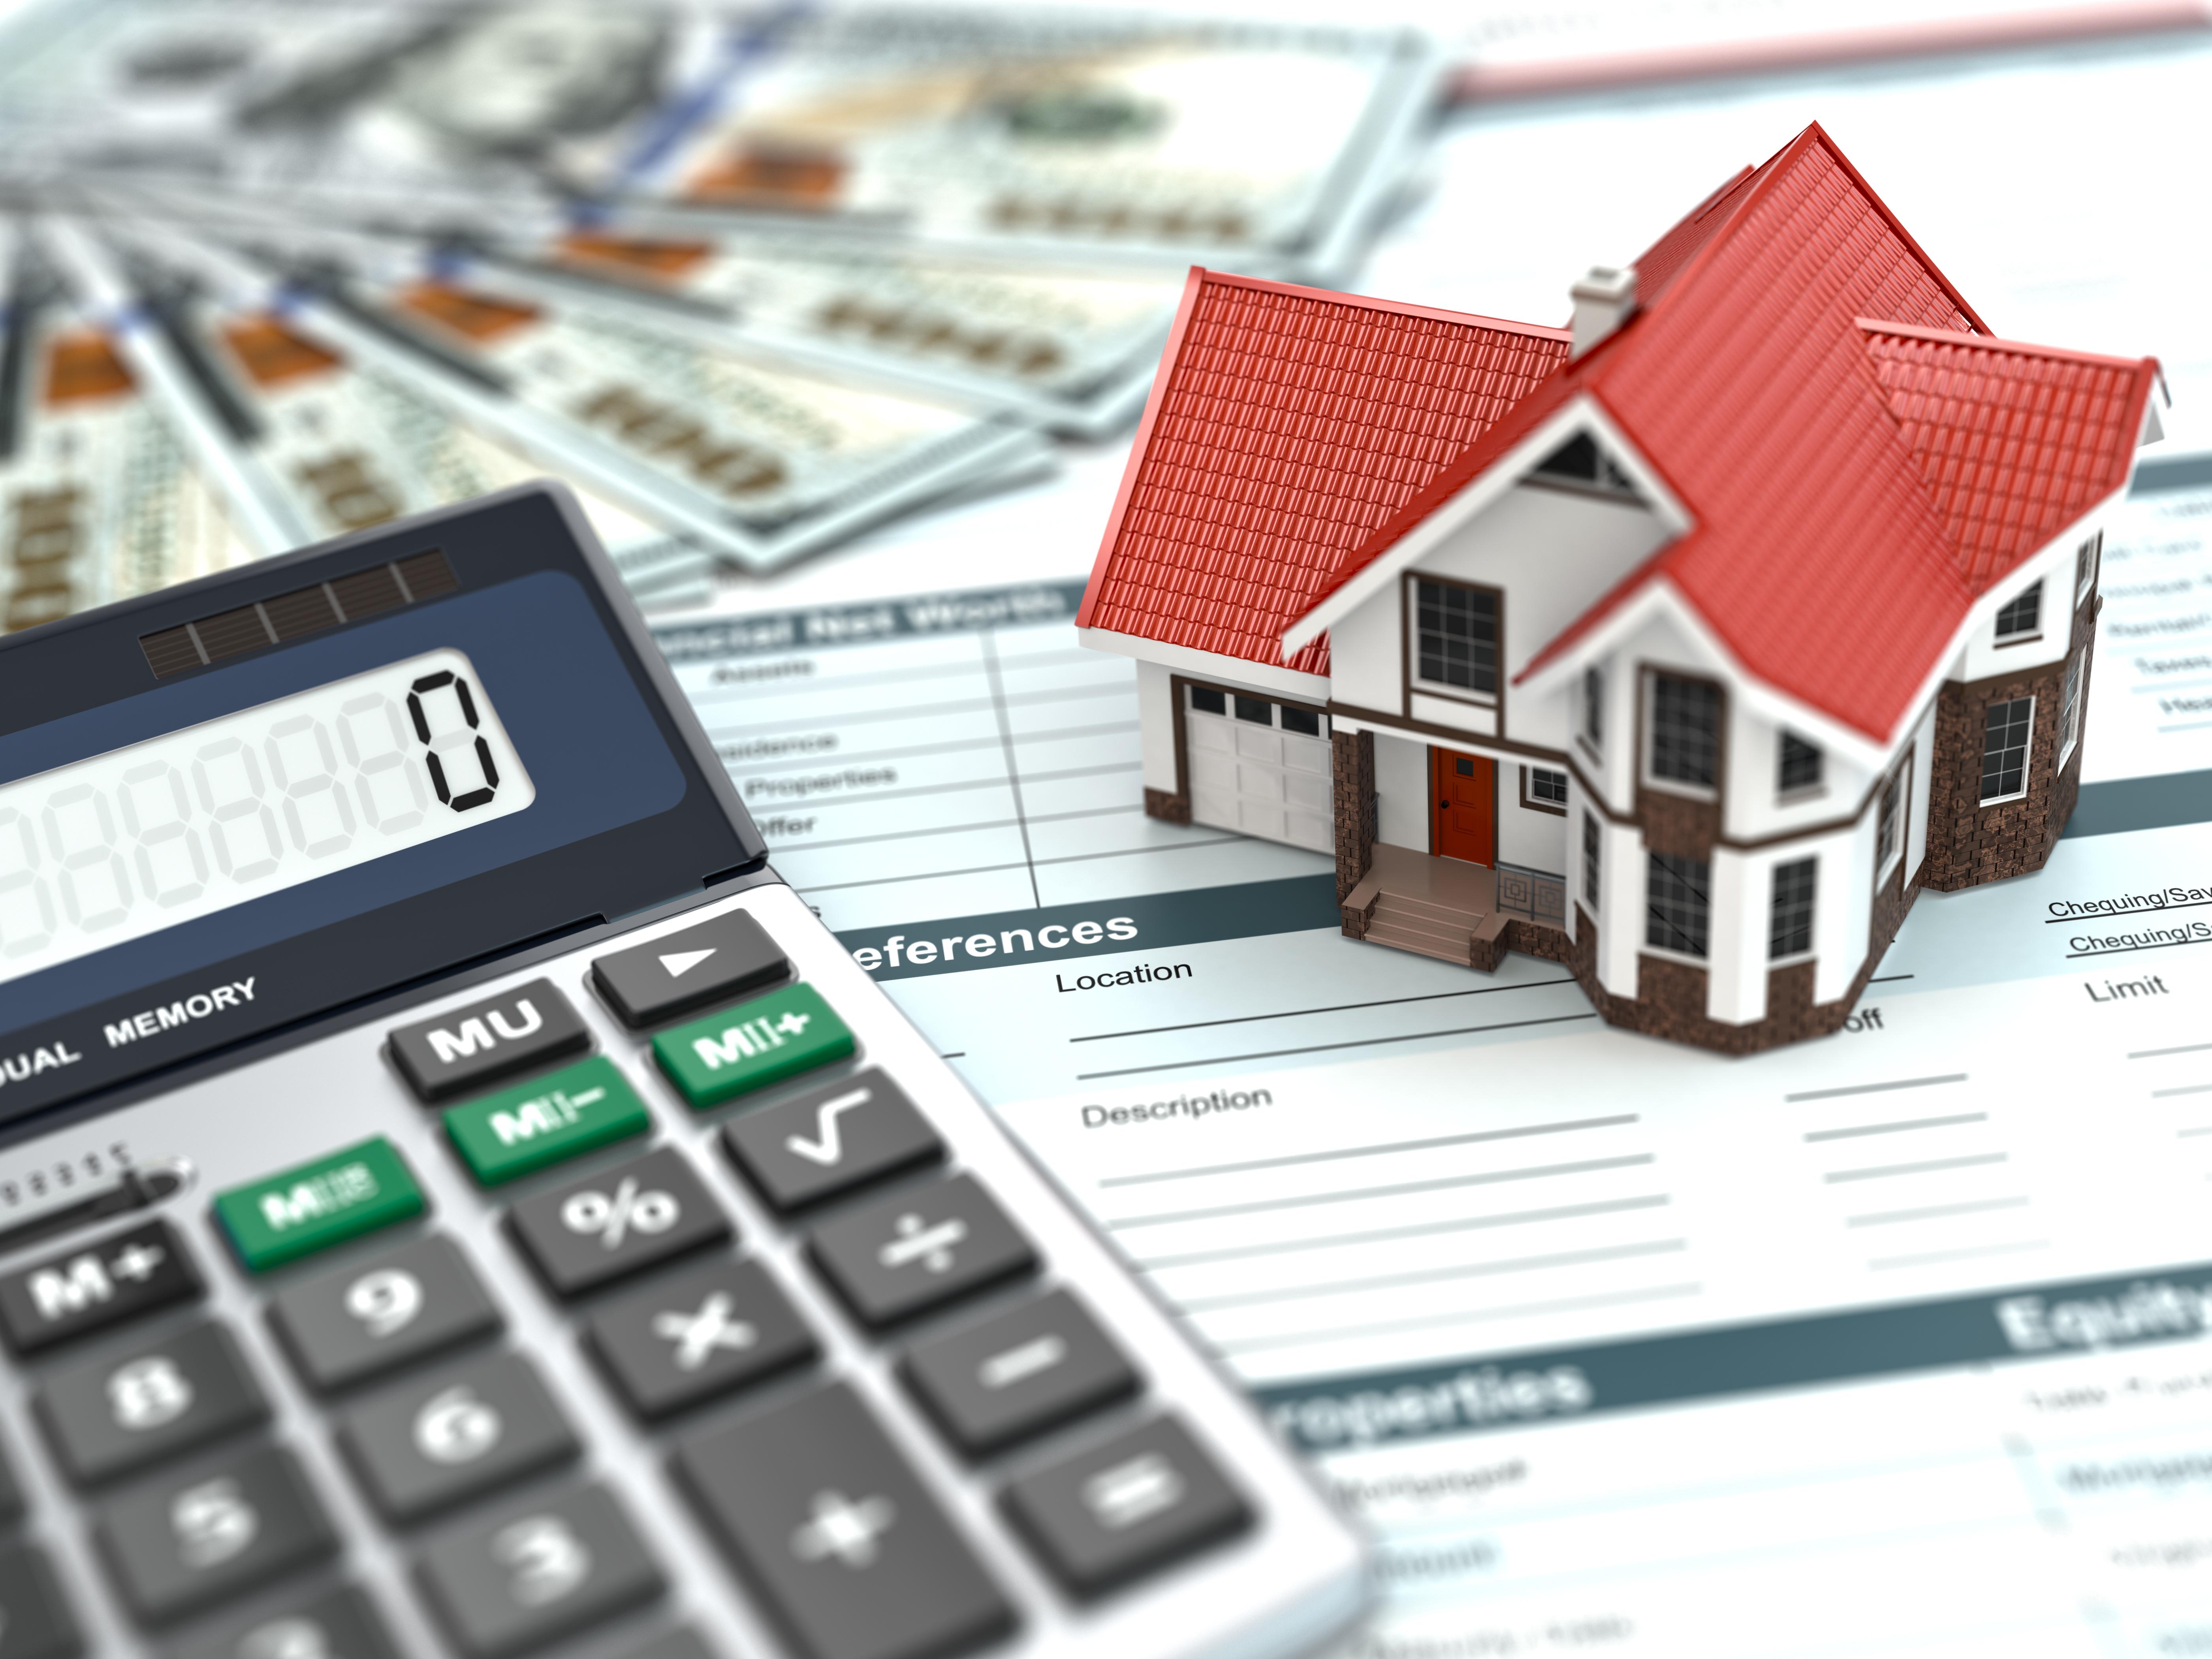 加國房價漲勢猛 抵消低利率優勢